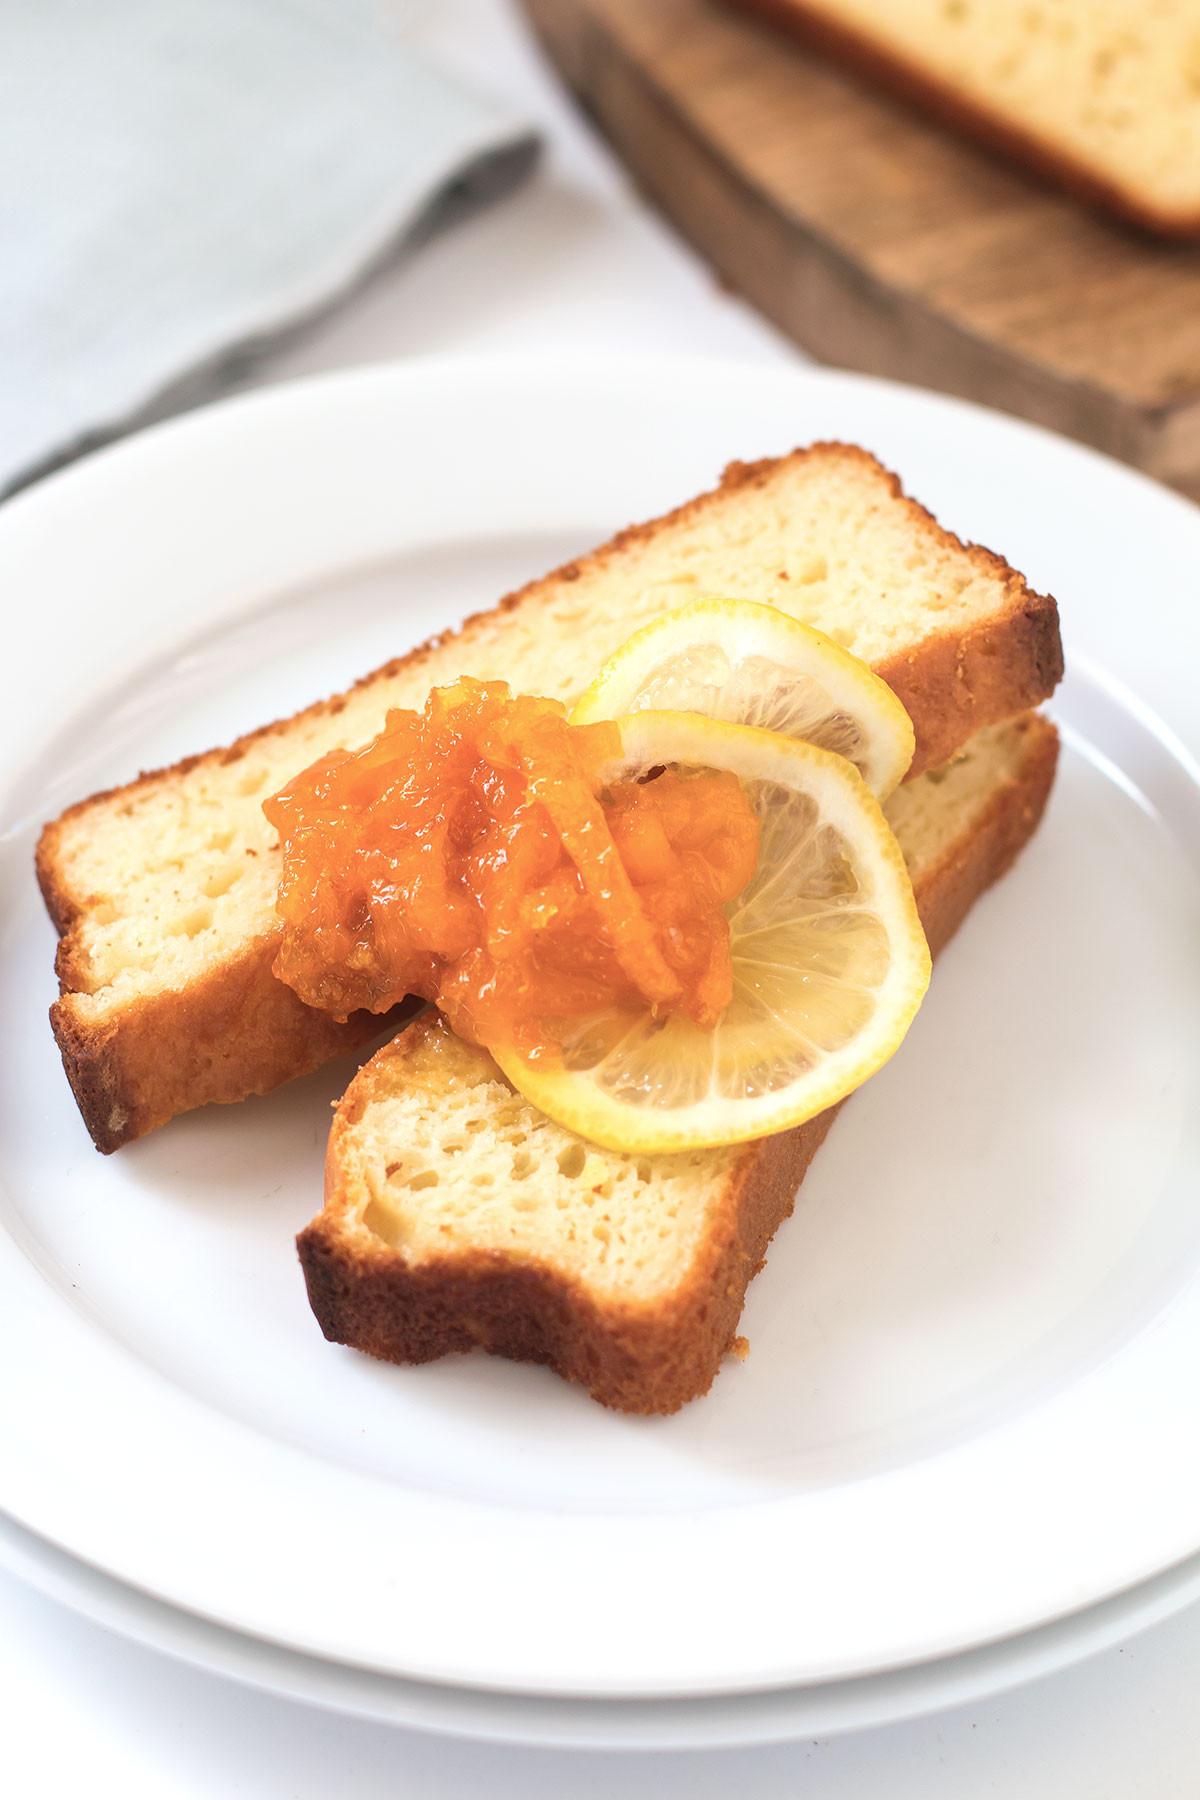 Old Fashioned Lemon Pound Cake  Old Fashioned Lemon Pound Cake with Orange Lemon Marmalade